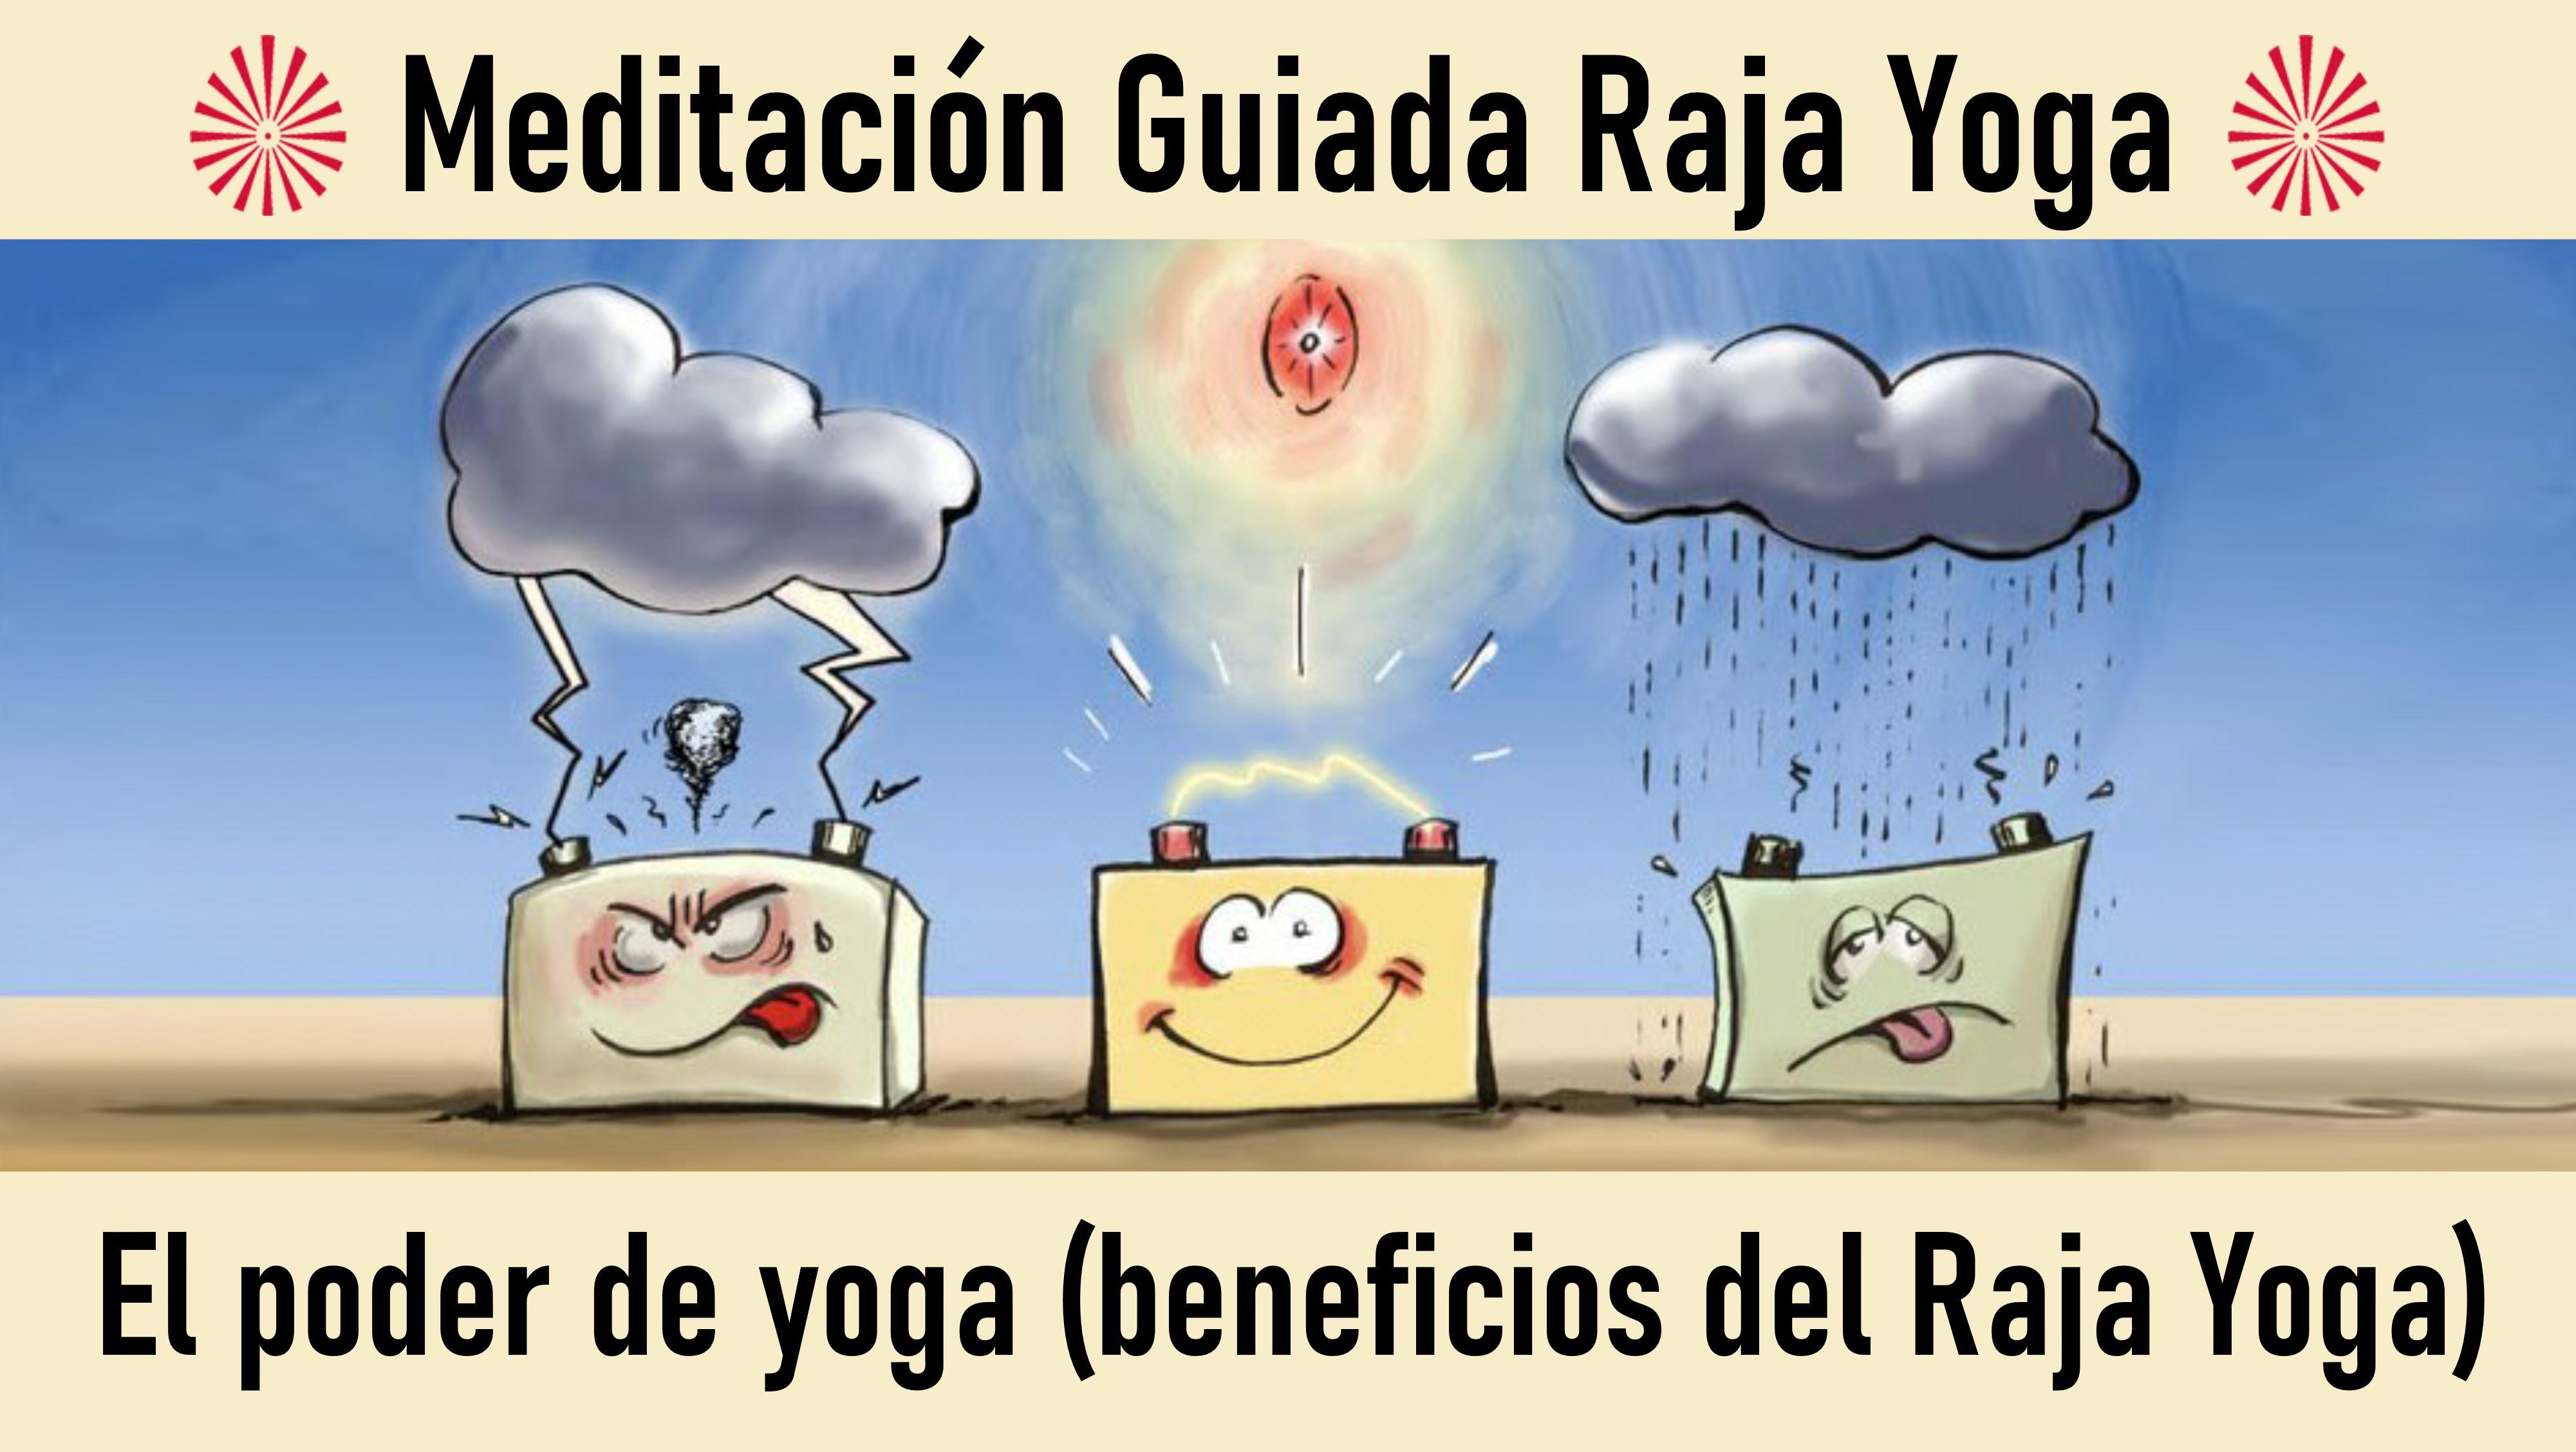 Meditación Raja Yoga: El poder de yoga-beneficios del Raja Yoga (23 Septiembre 2020) On-line desde Sevilla